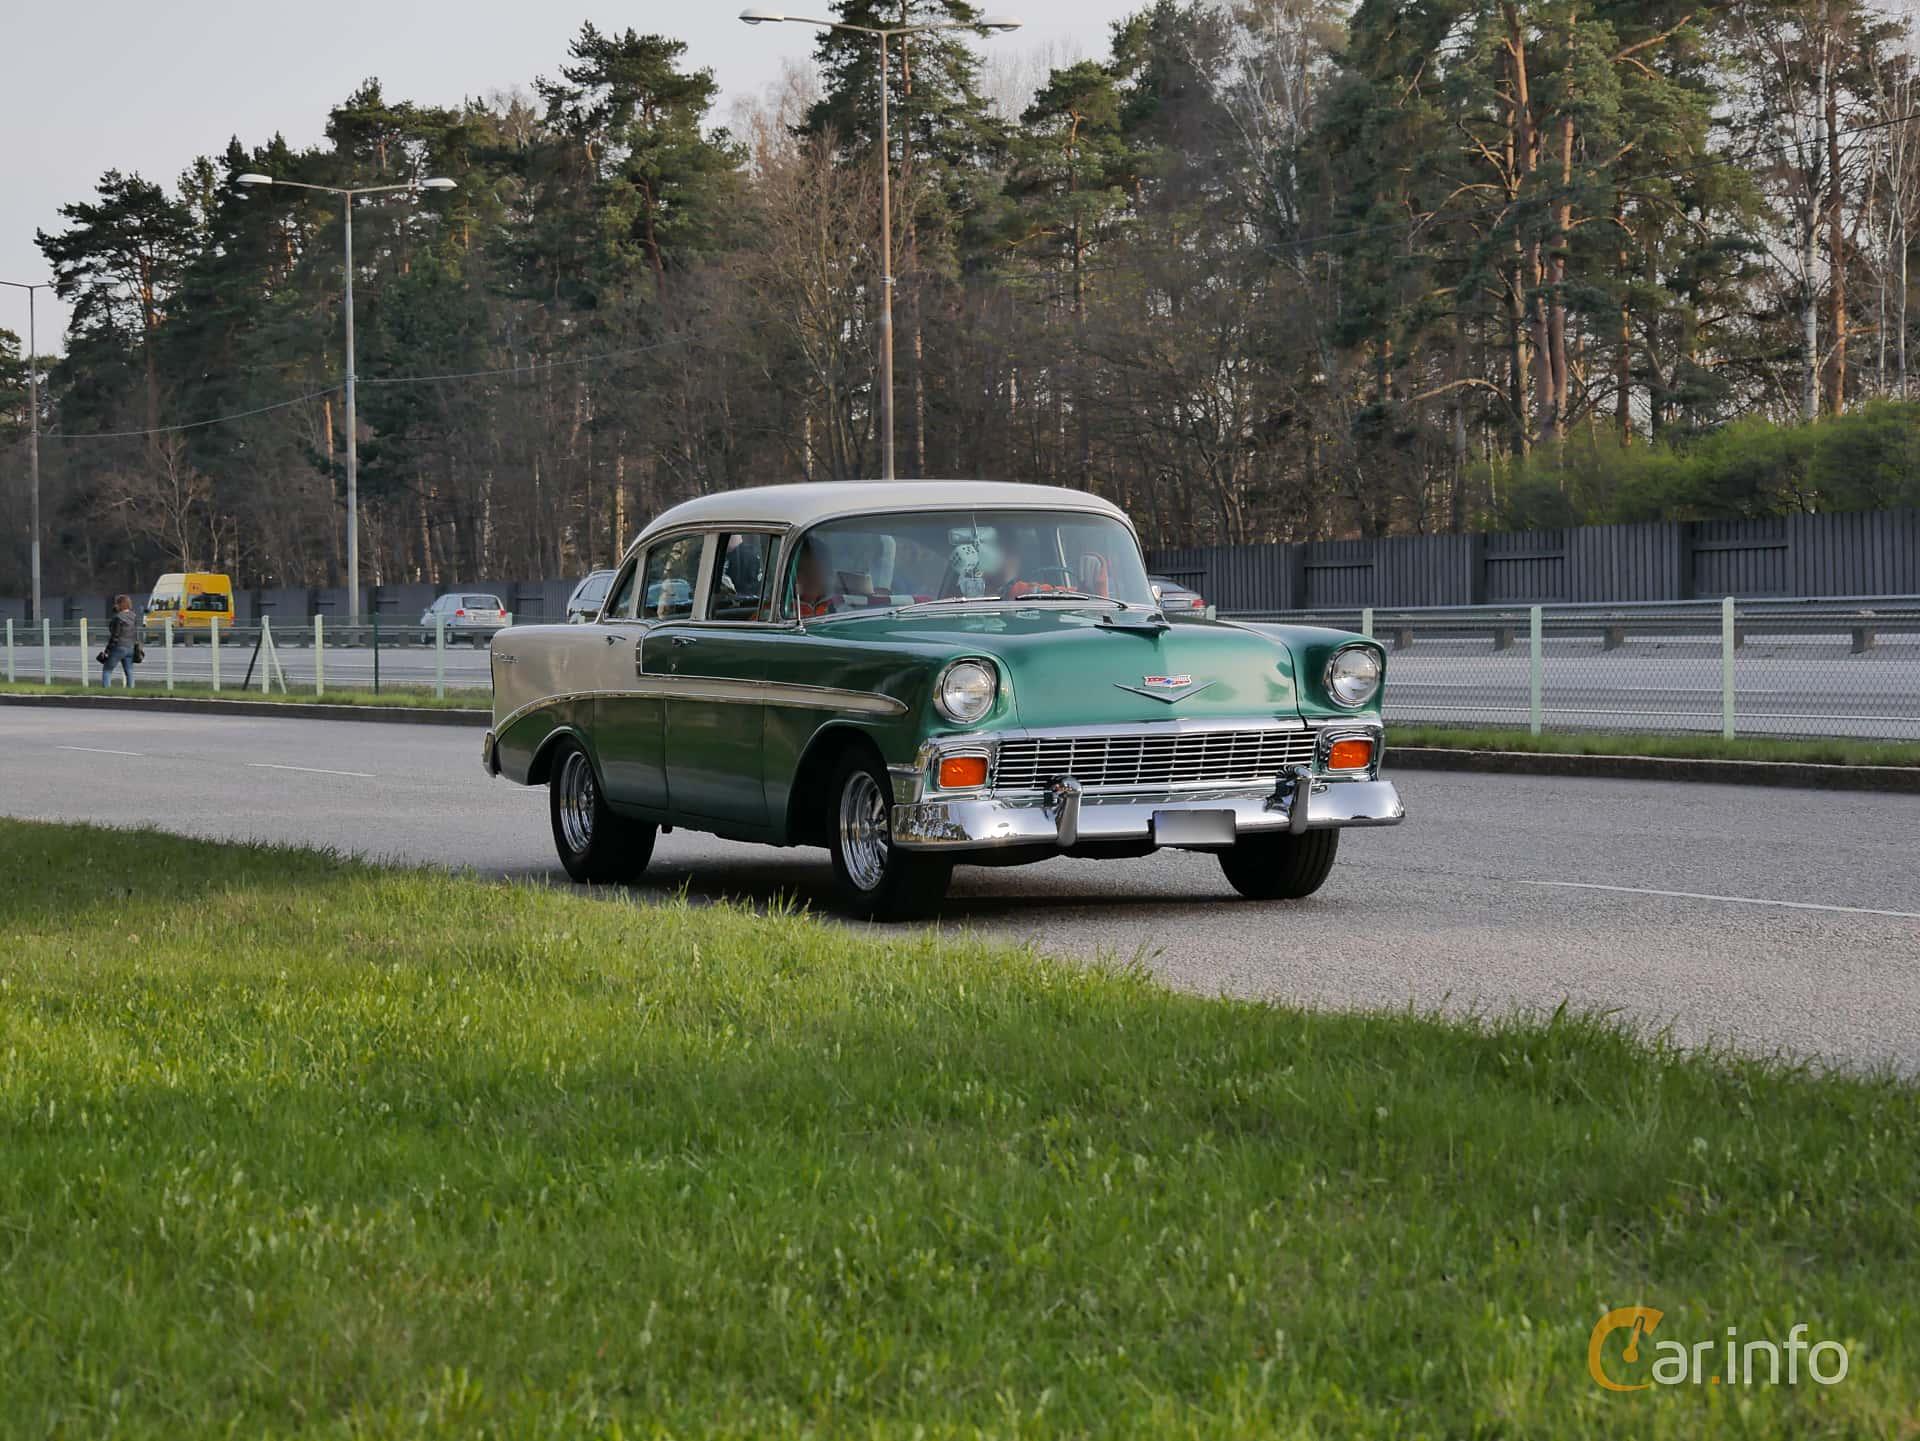 Chevrolet Bel Air 4-door Sedan 4.3 V8 Powerglide, 173hp, 1956 at Valborgscruising i Stockholm 2016